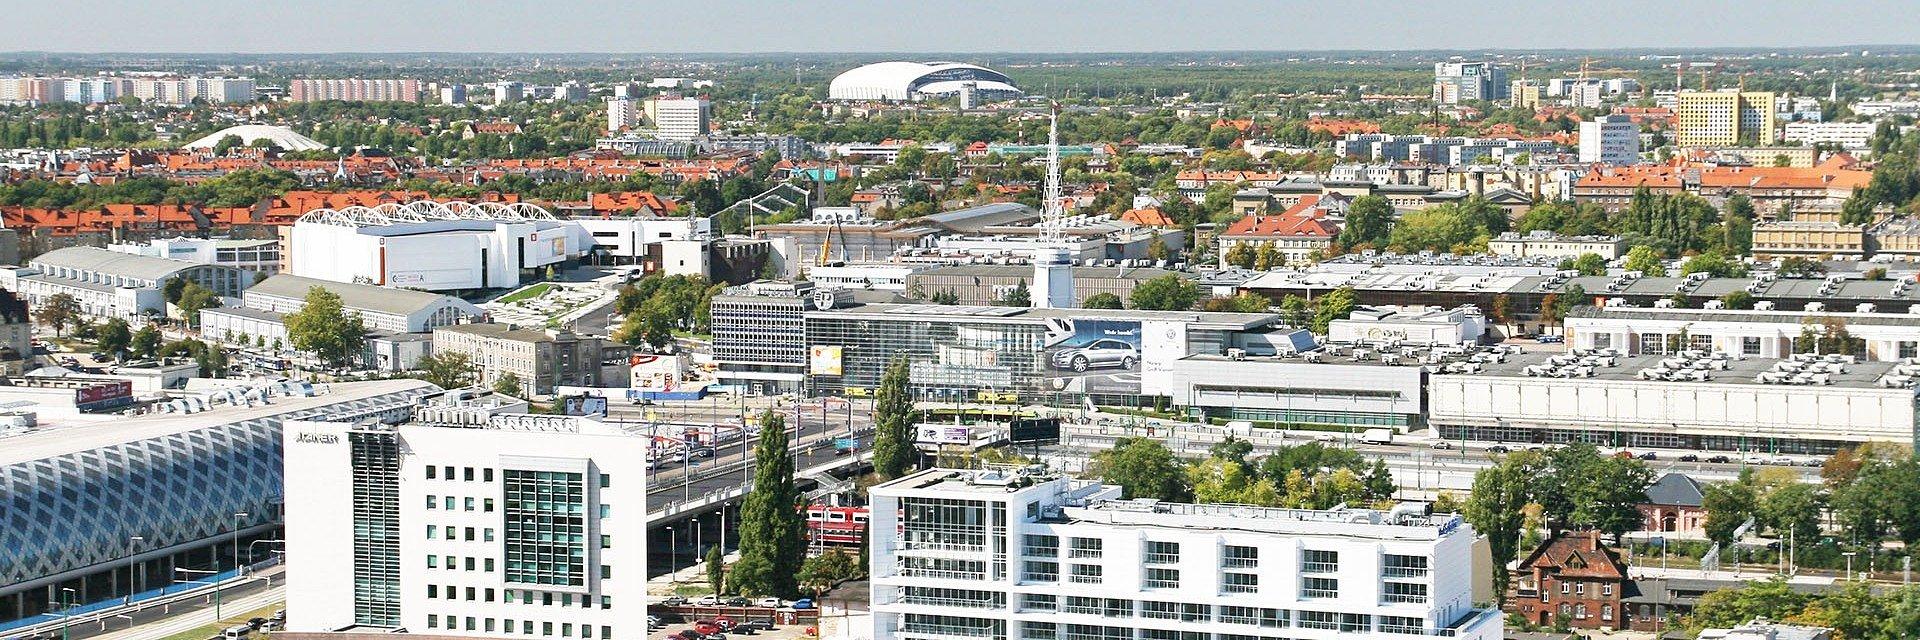 Materiał ekspercki - Jak dobrze kupić mieszkanie w Poznaniu?